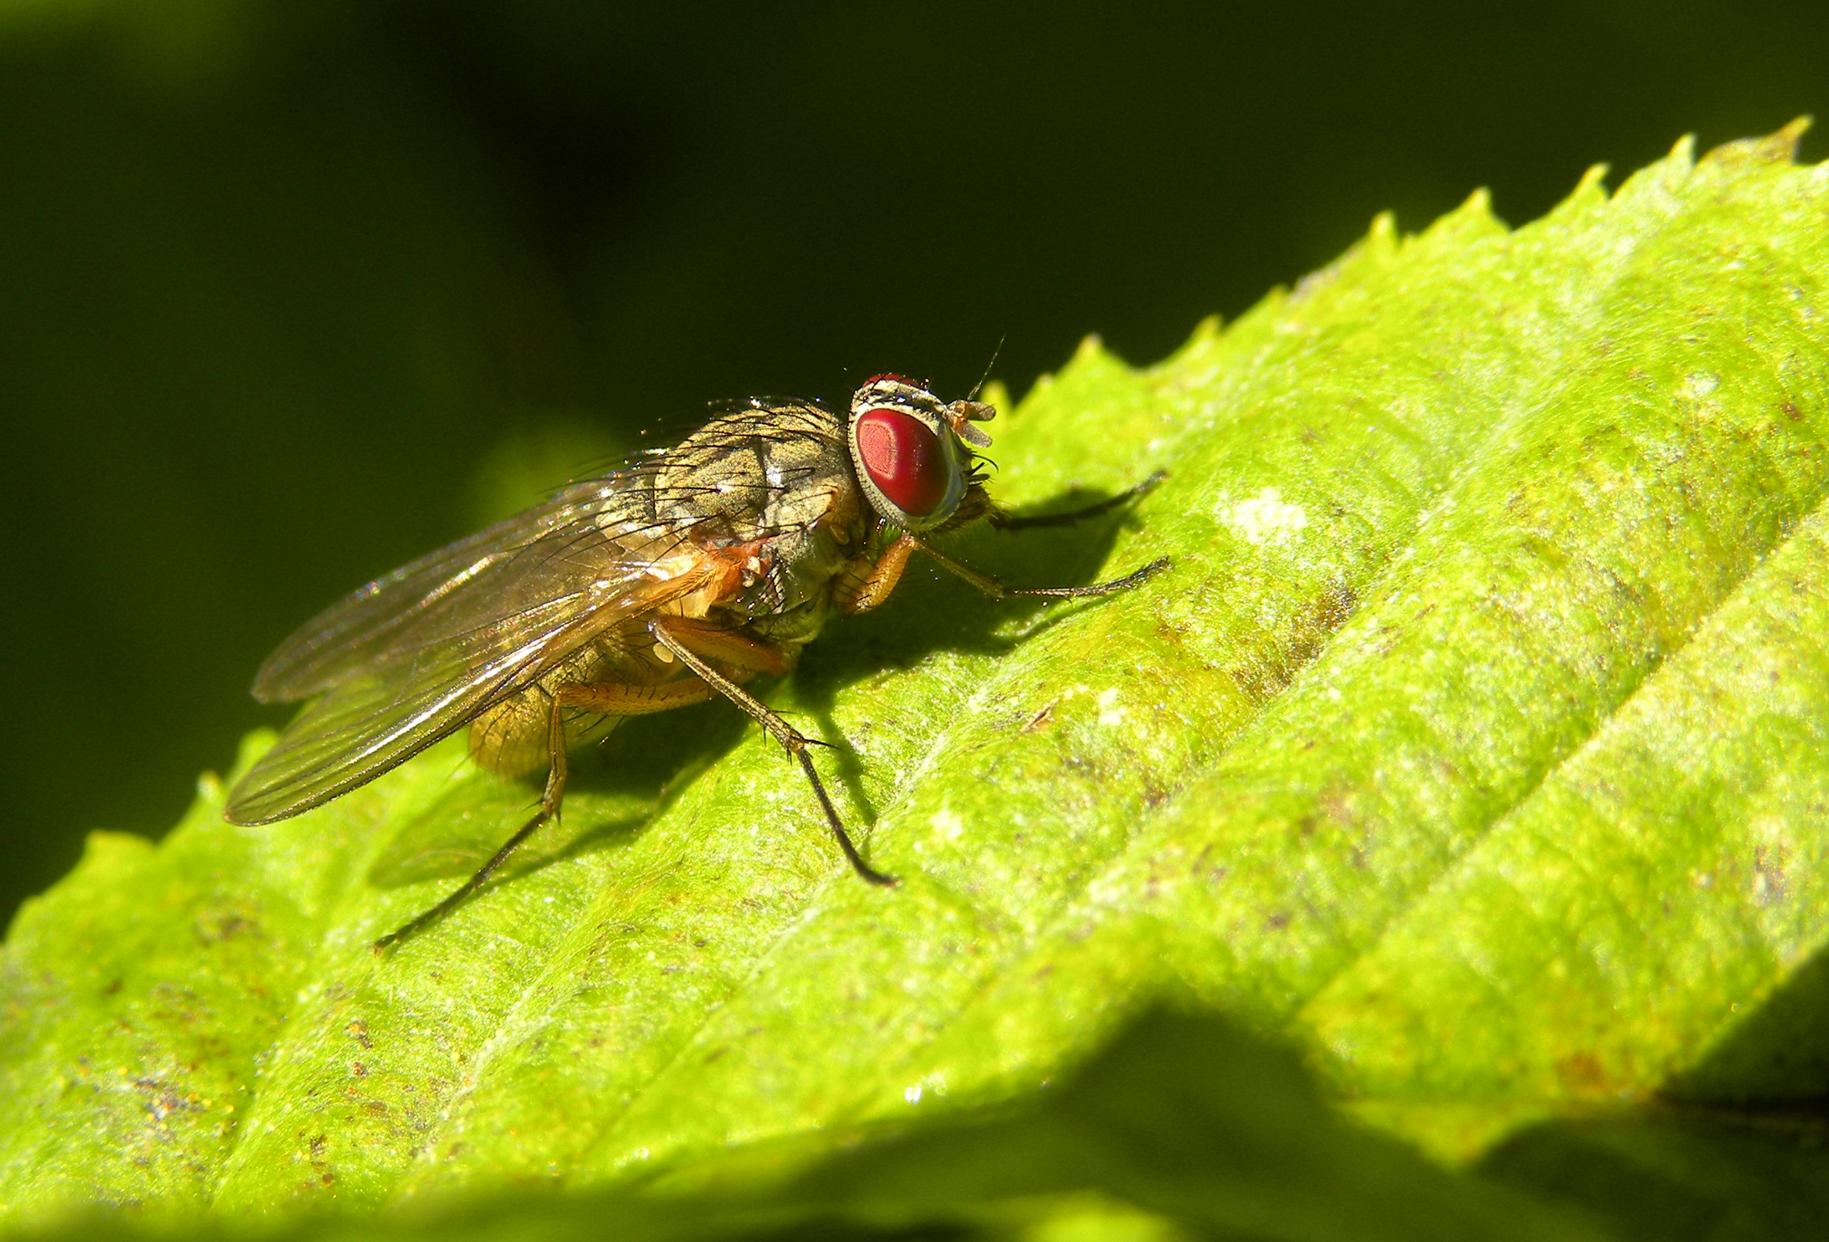 Biting Fly